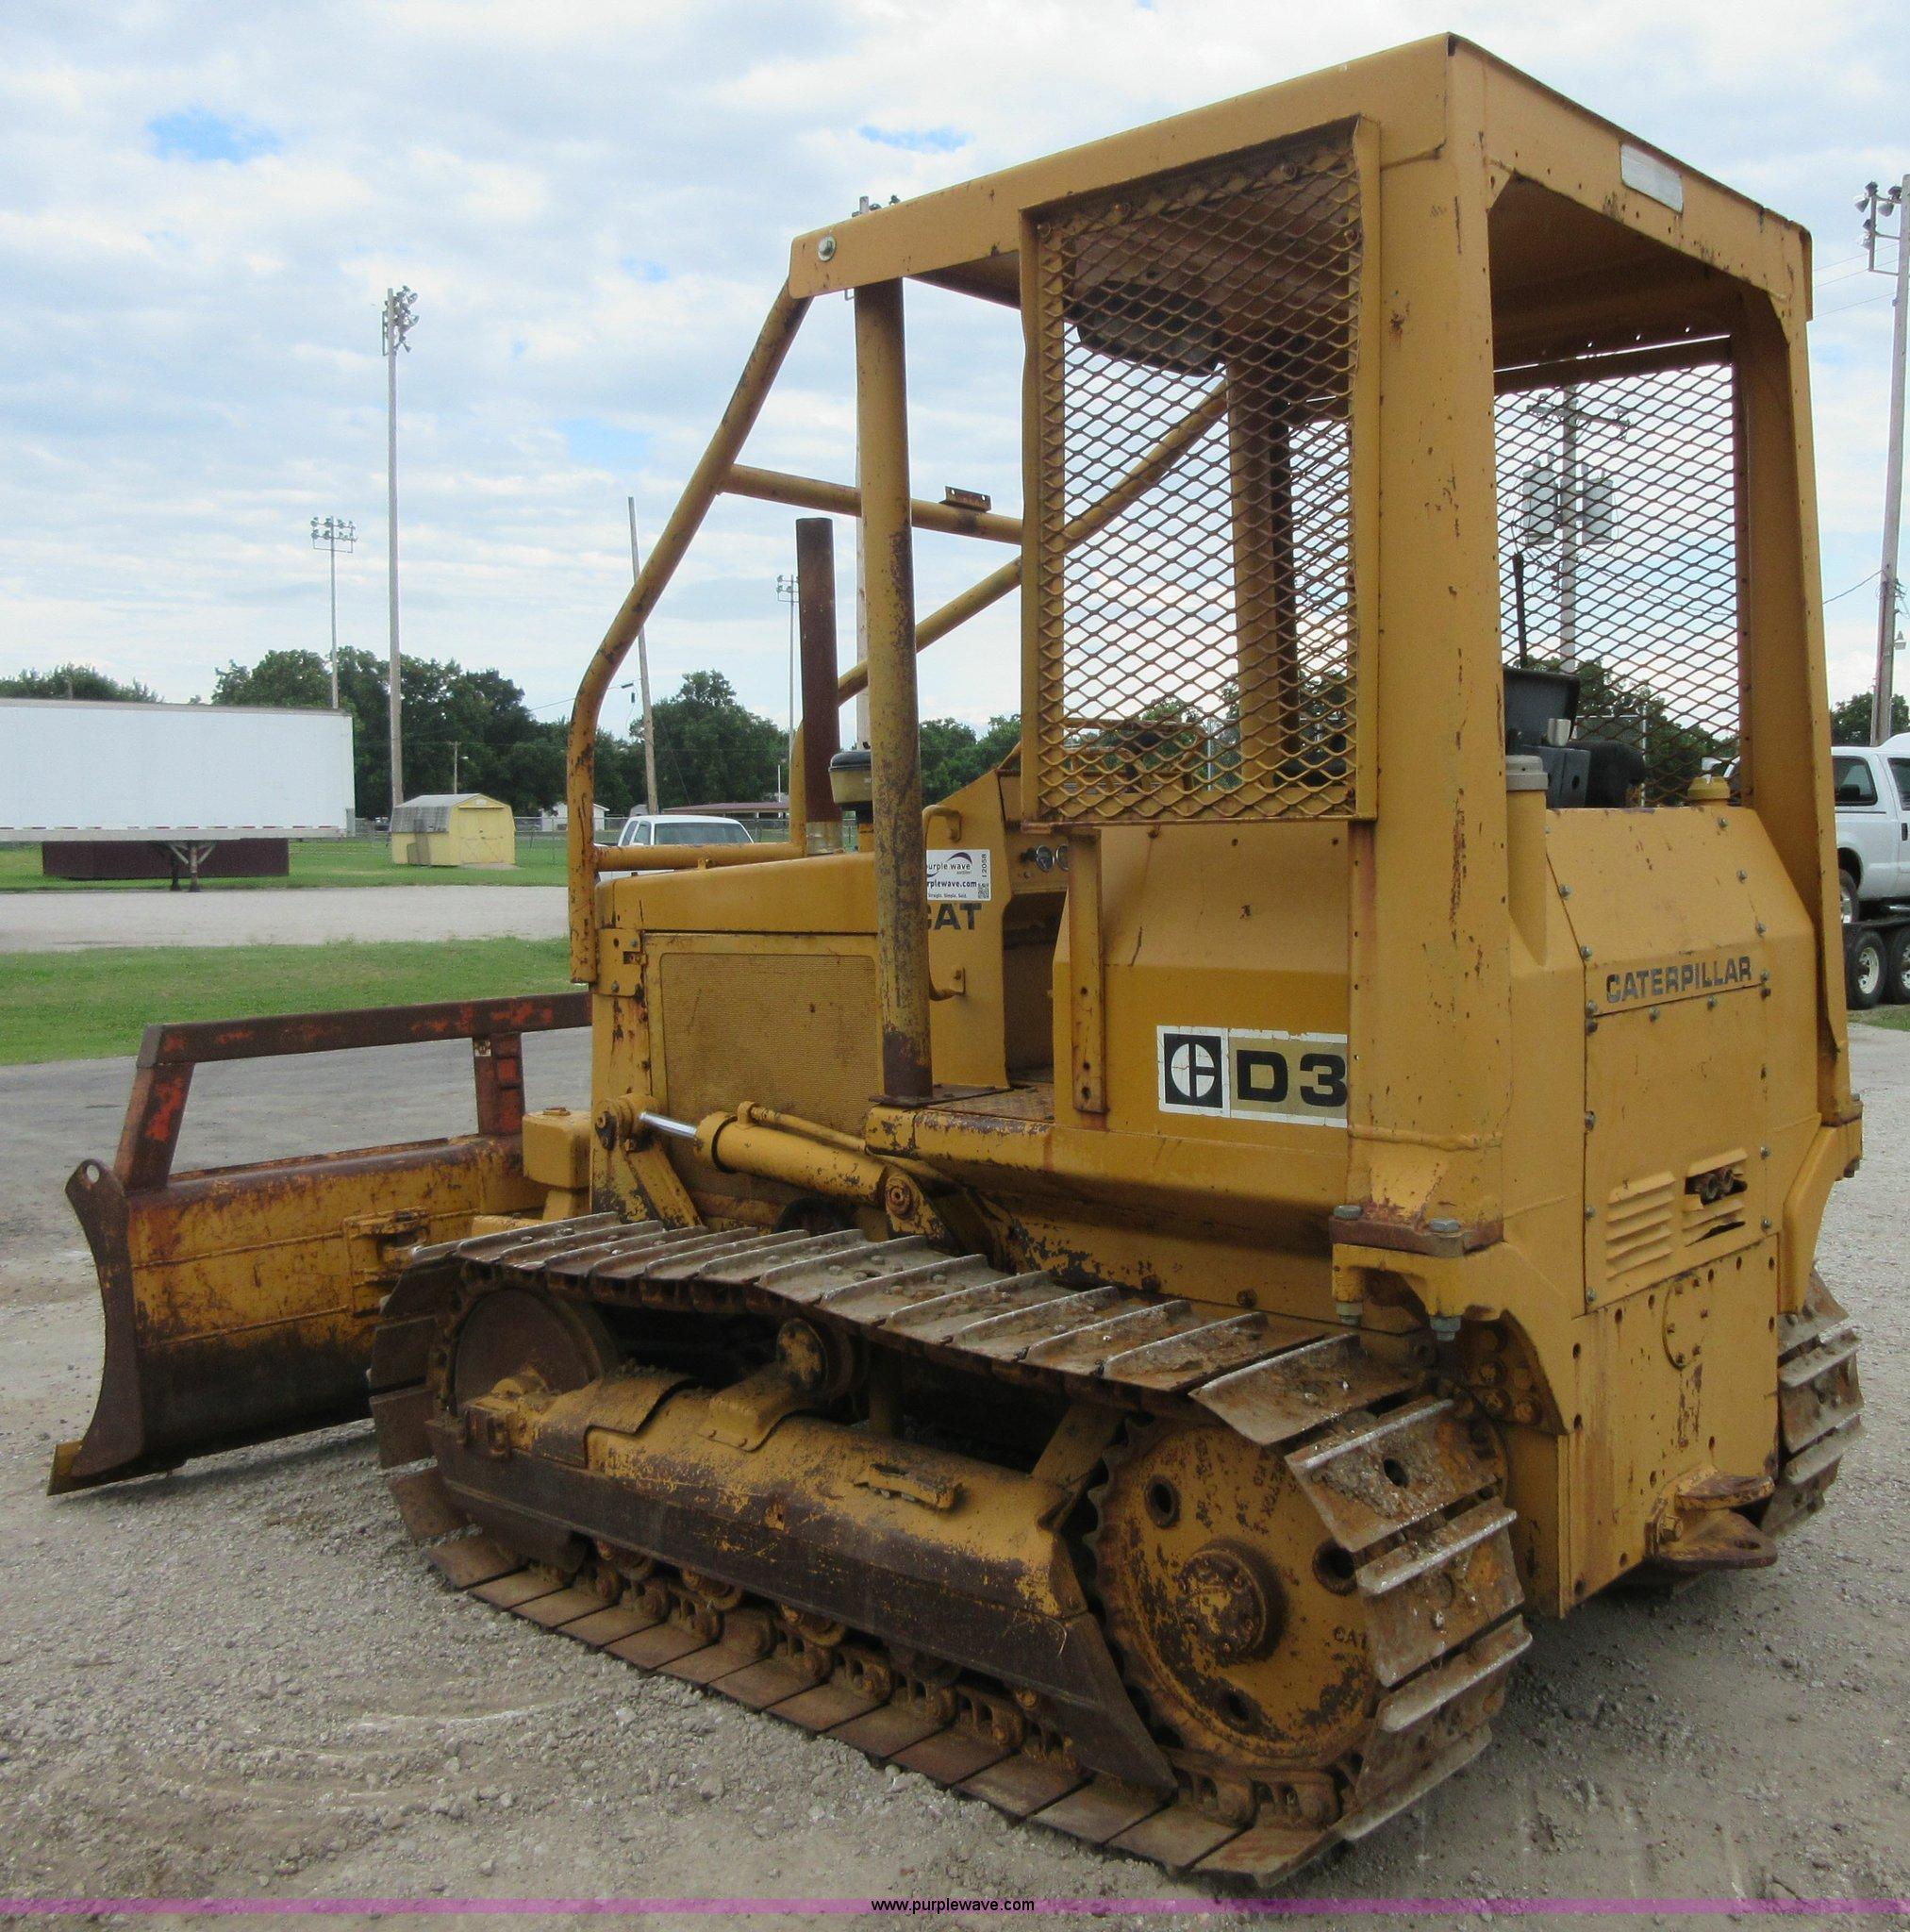 1979 Caterpillar D3 dozer | Item I2058 | SOLD! August 27 Con